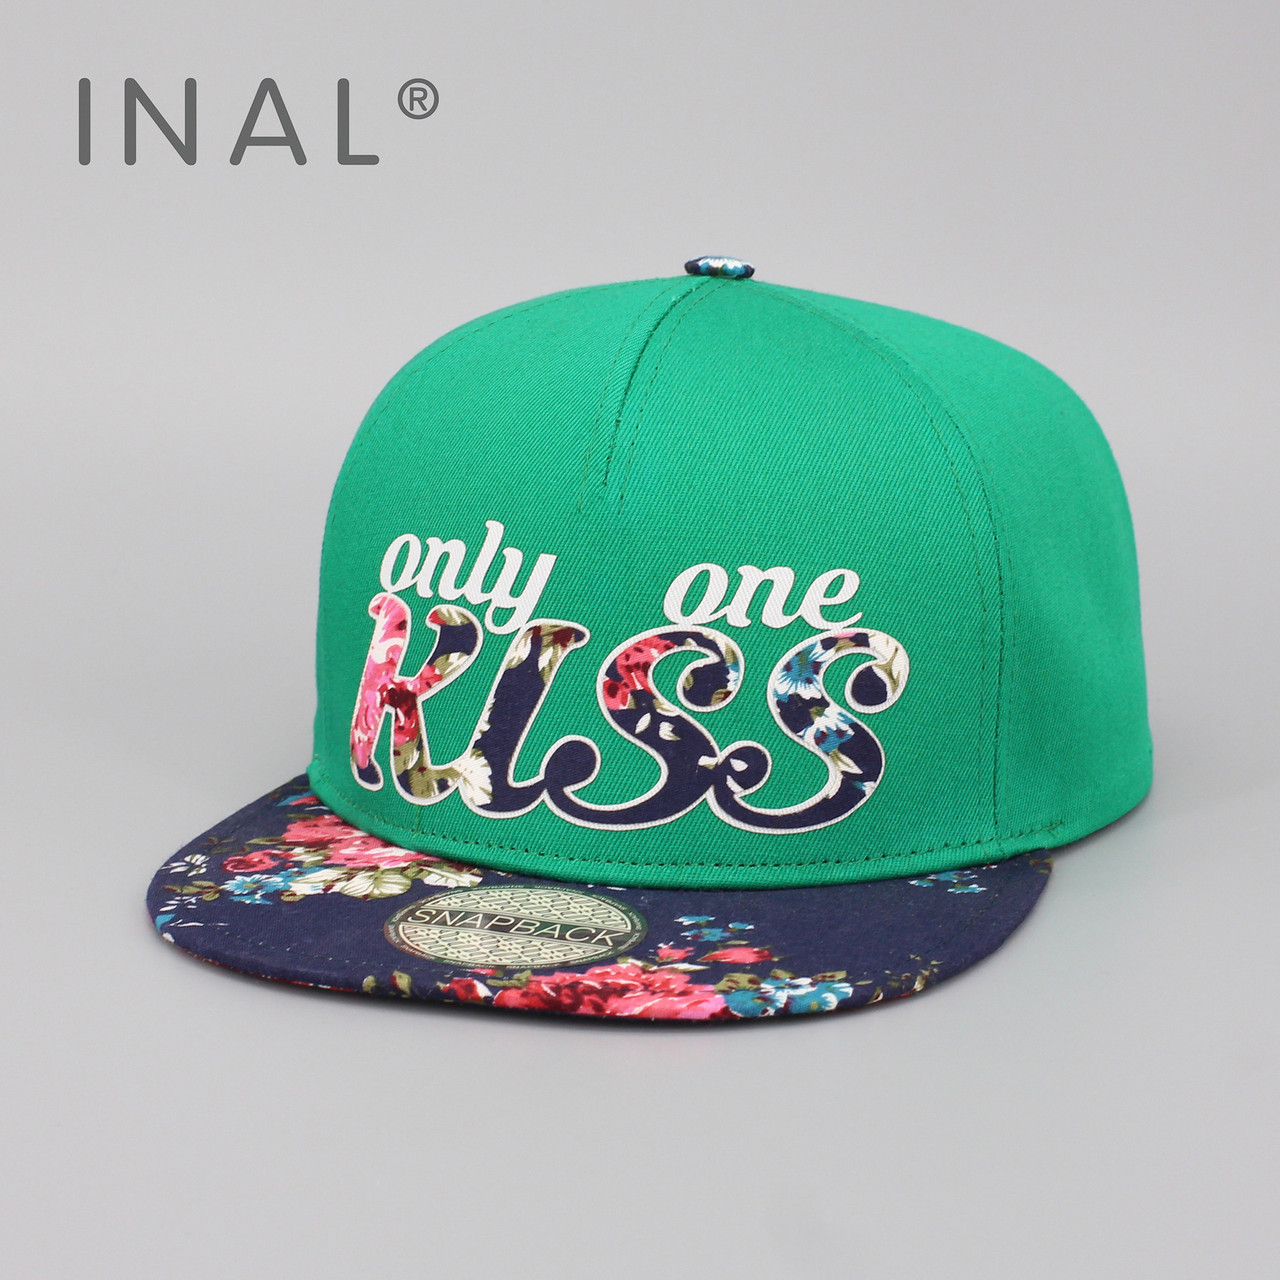 Детская кепка бейсболка для девочки 3-16 лет INAL kiss XS / 51-52 RU Зеленый 46651